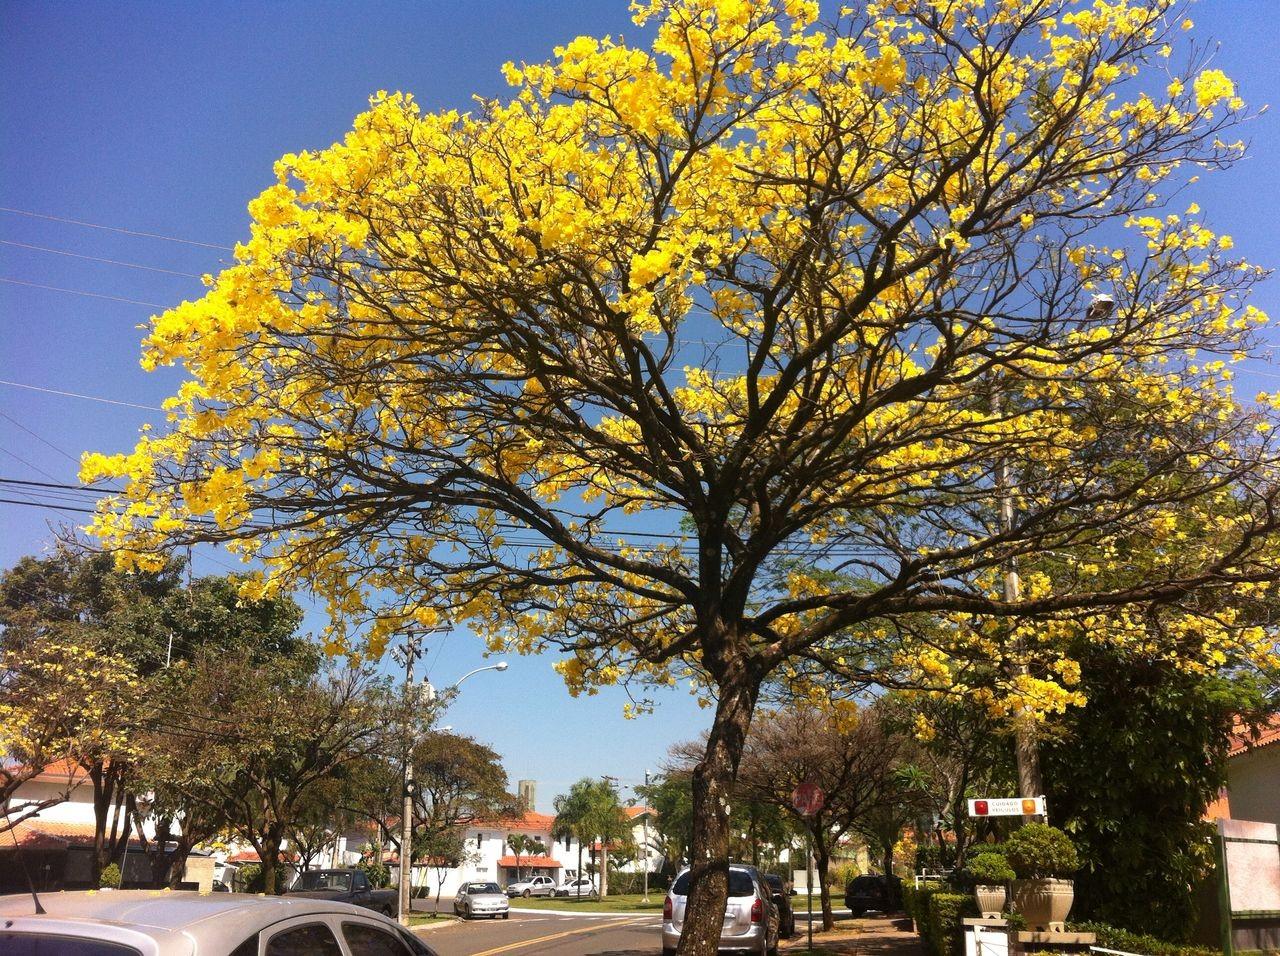 Dia da Árvore é celebrado em Juiz de Fora; confira a programação - Notícias - Plantão Diário